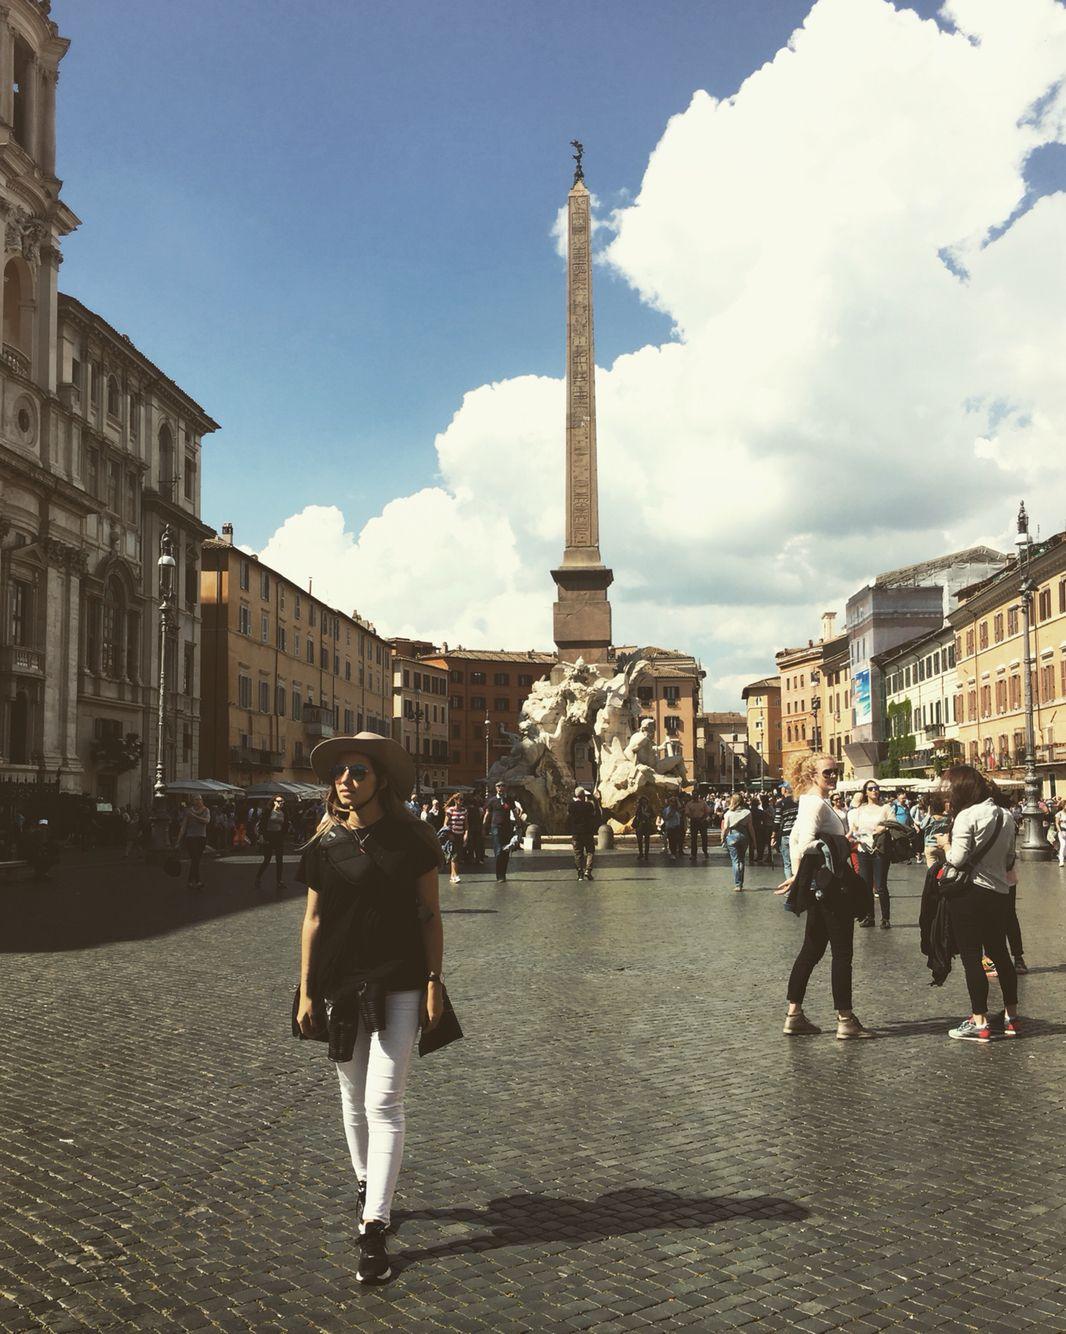 ig: @nicolejpires #rome #travel